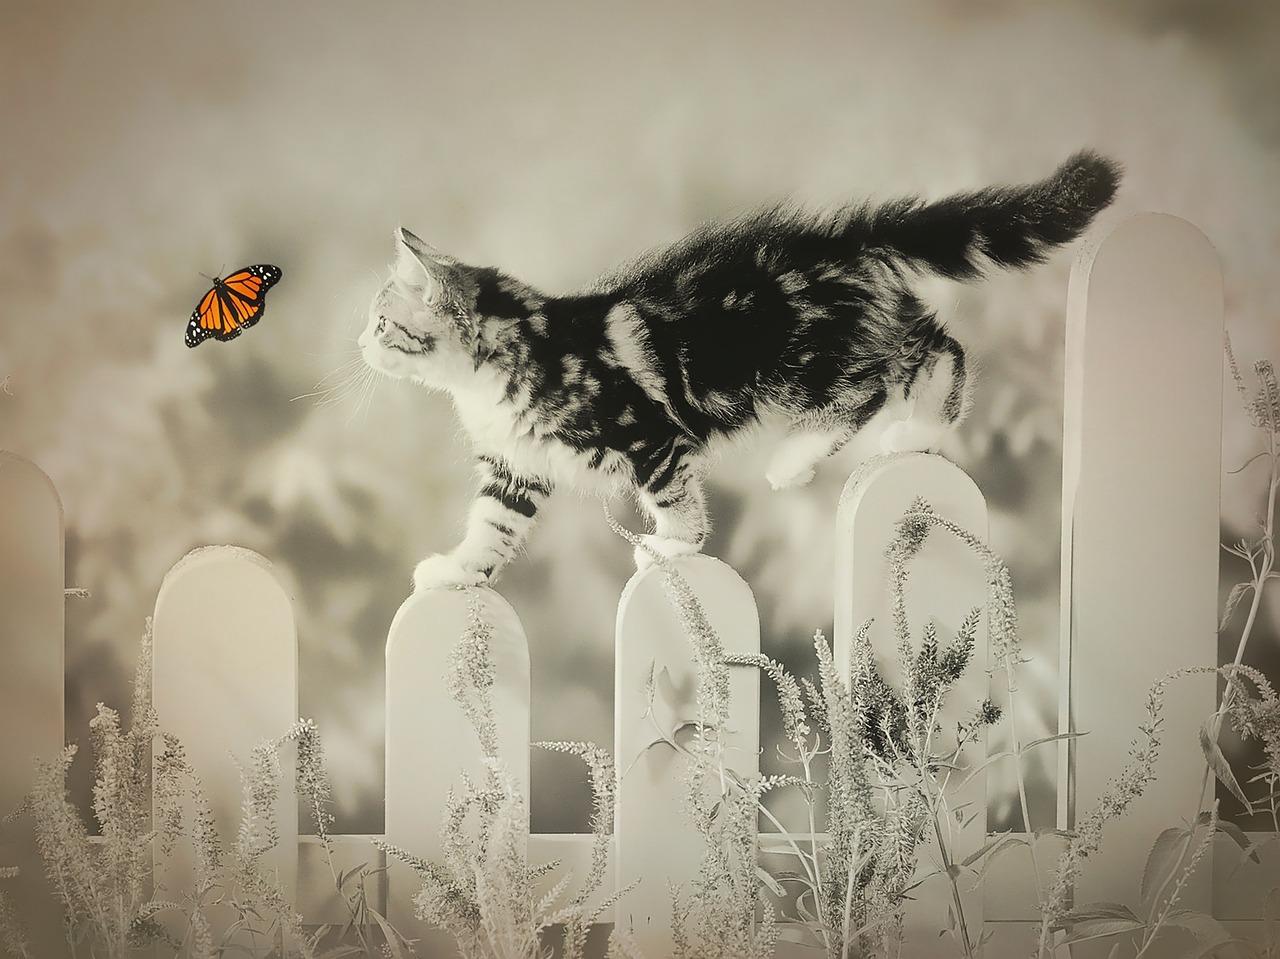 גור חתולים על גדר